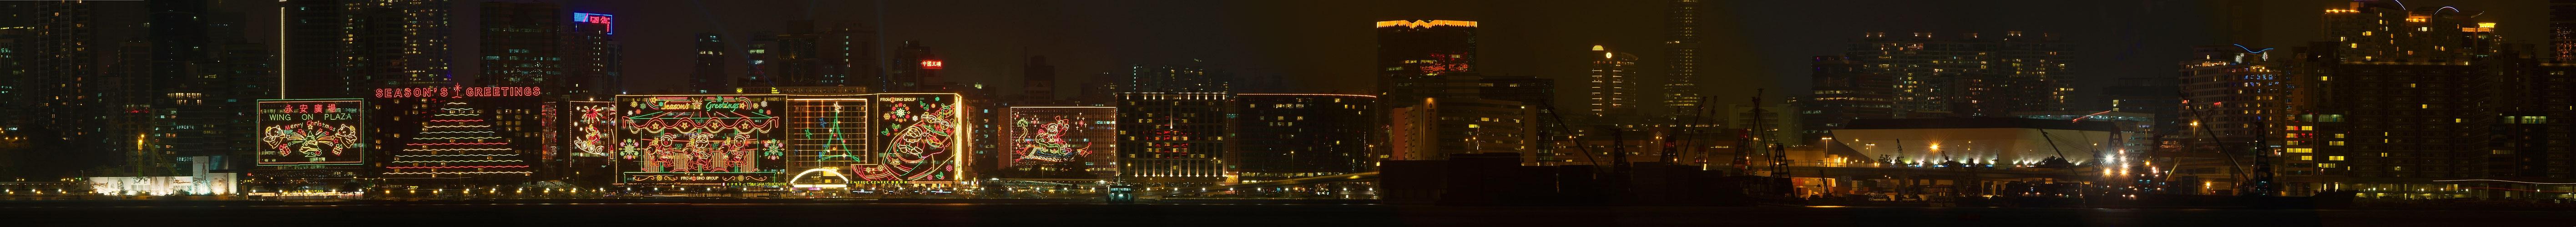 Merry Christmas from Tsim Sha Tsui East